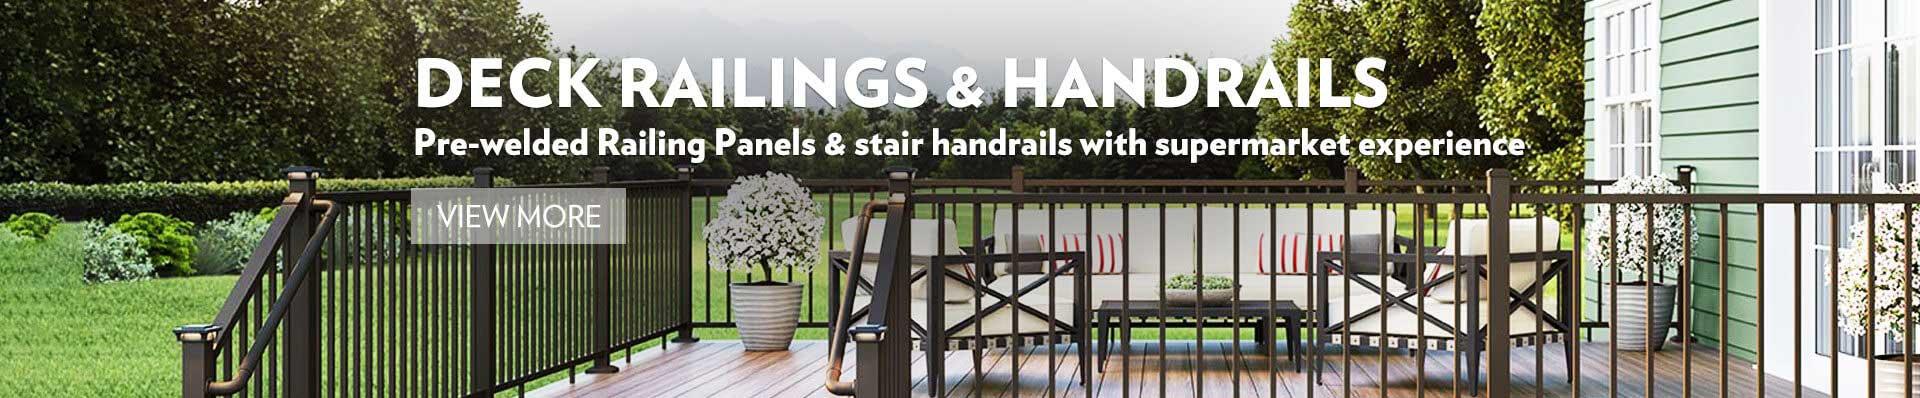 Railings & Handrails